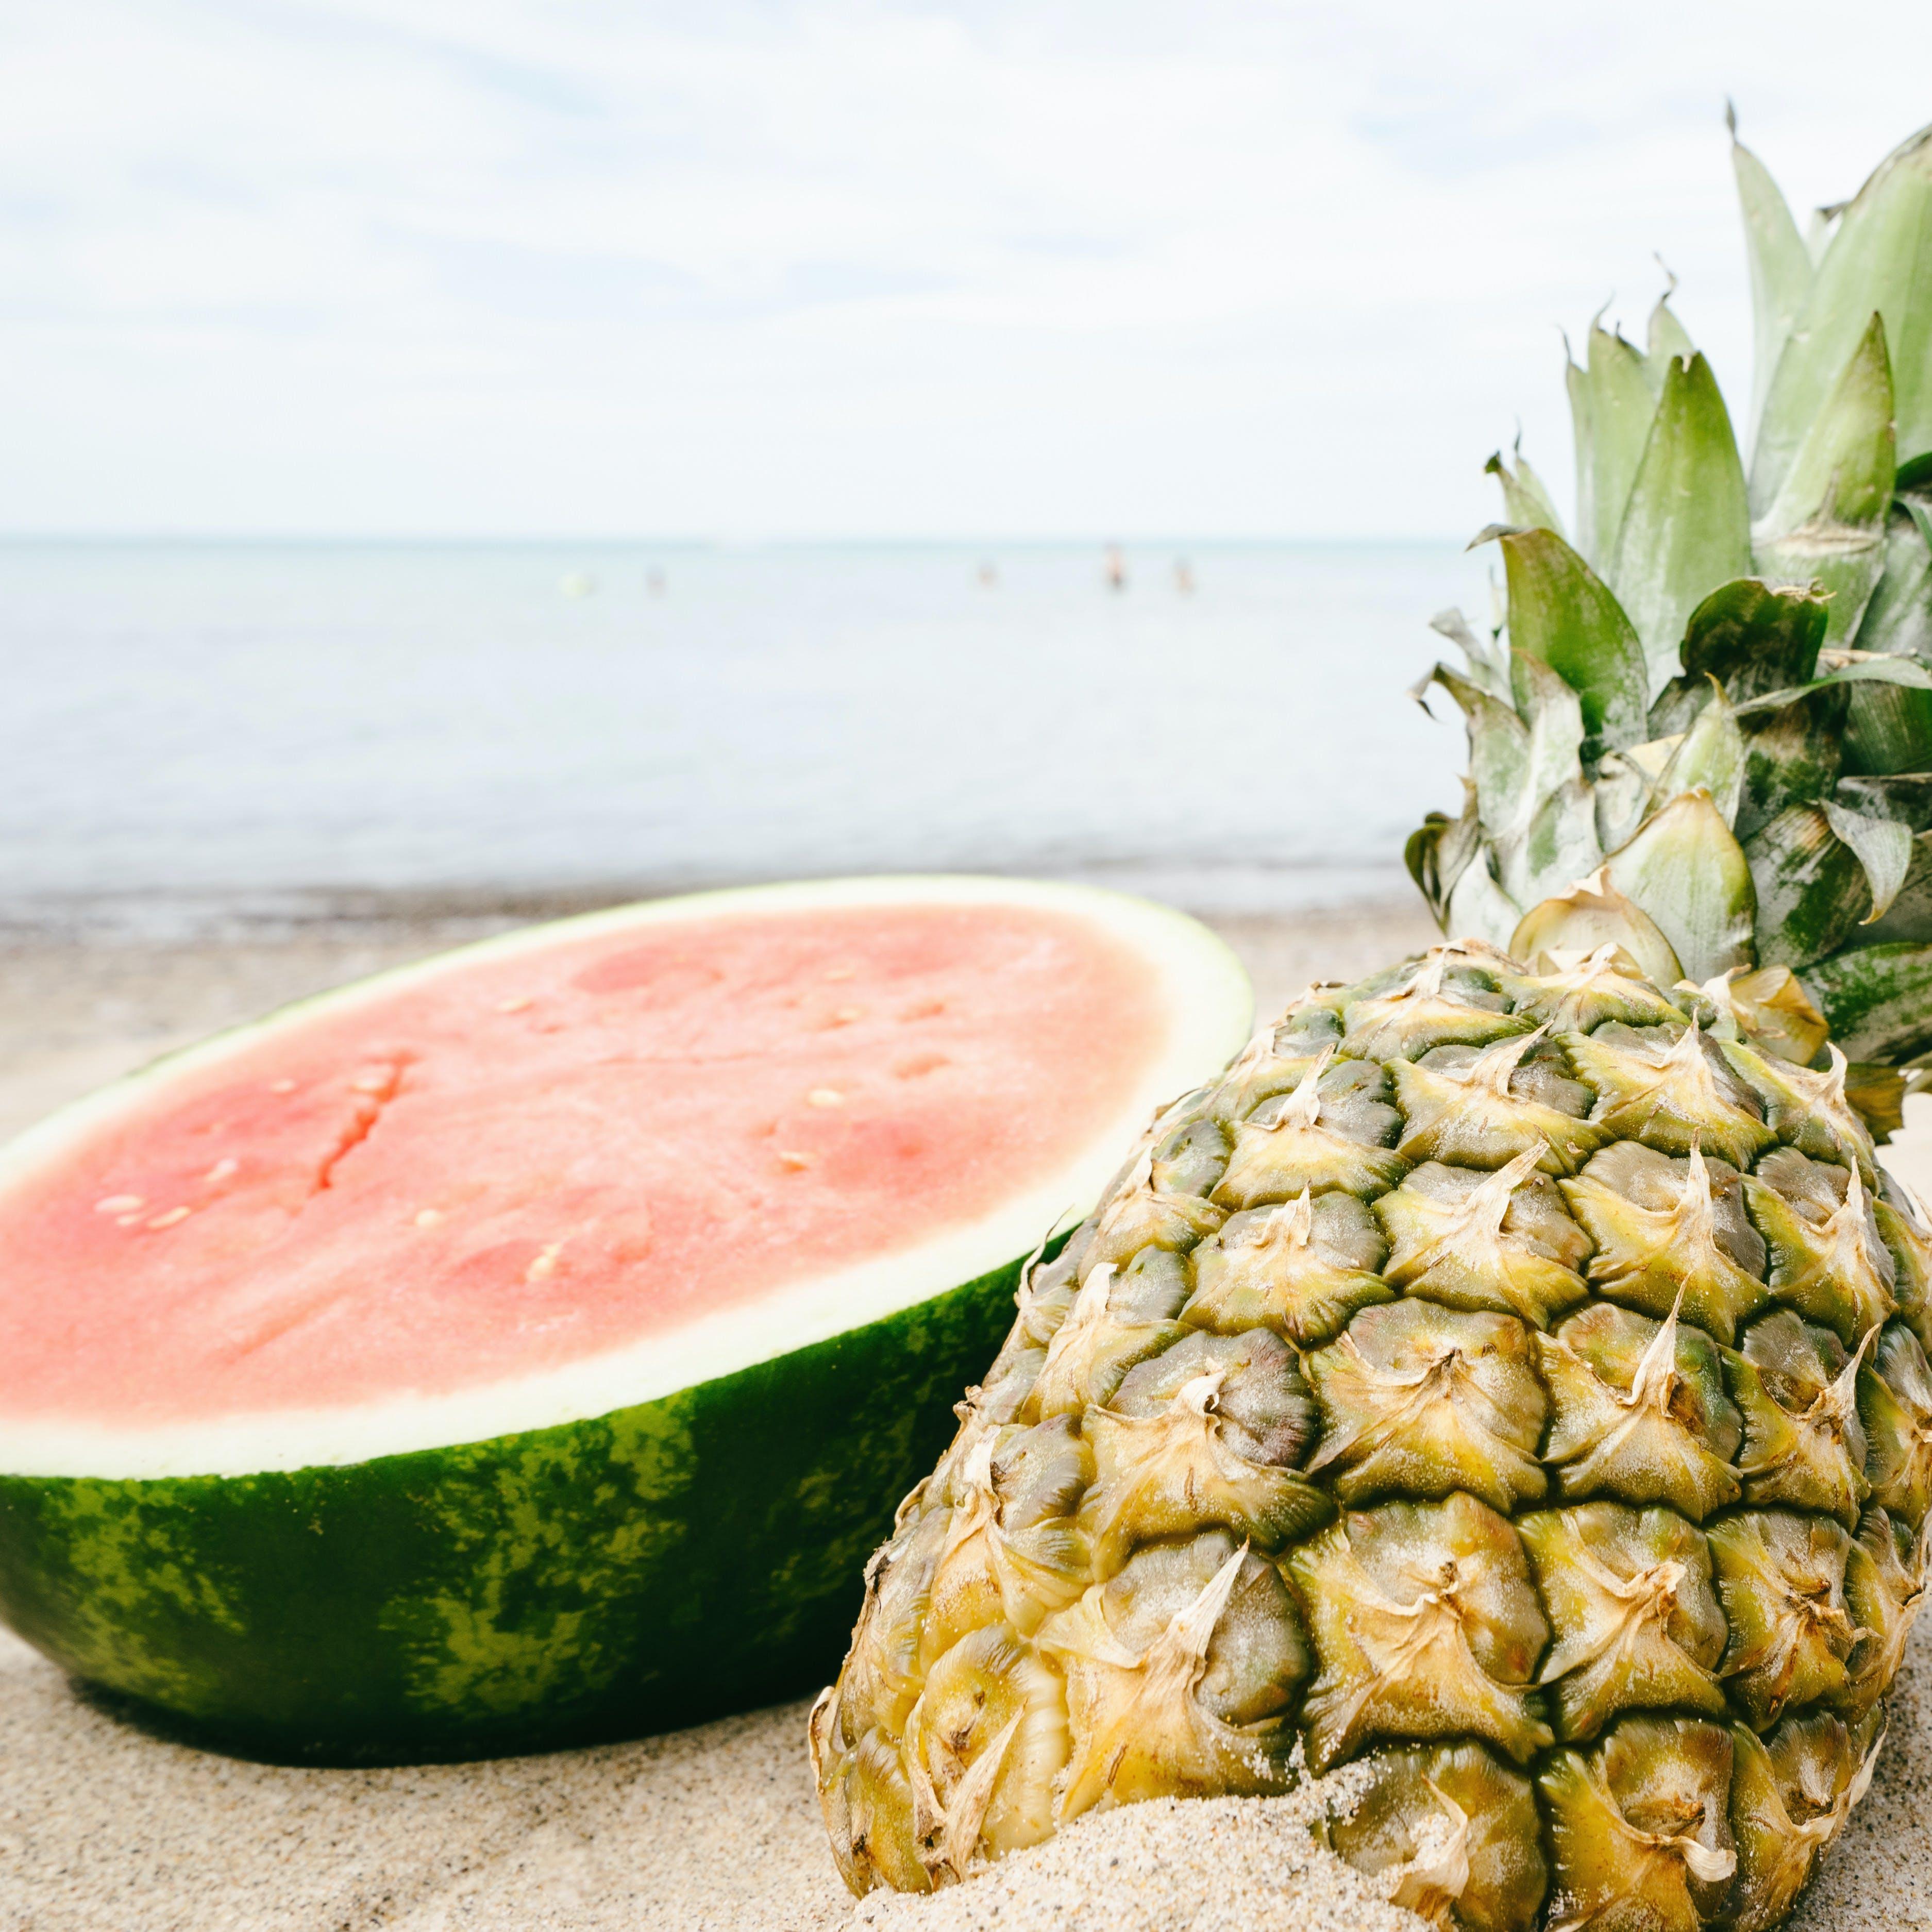 Kostenloses Stock Foto zu ananas, baden, diät, erfrischung